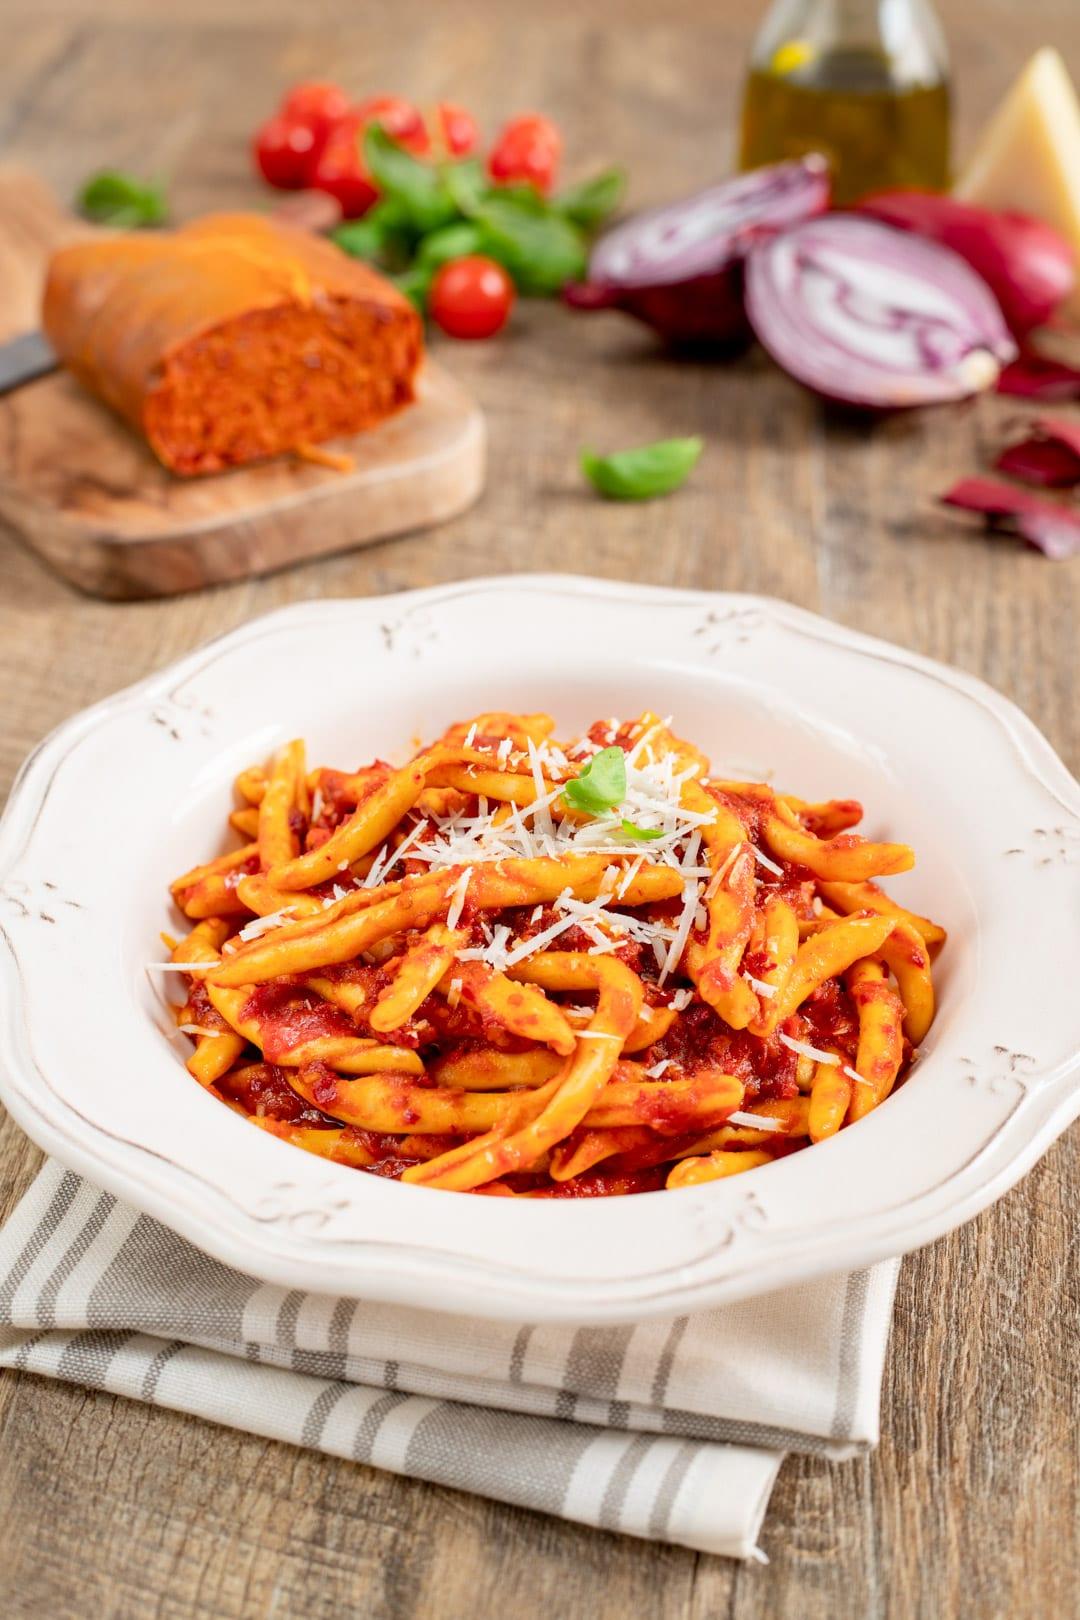 Pasta cipolle rosse e 'nduja nel piatto pronta per l'assaggio